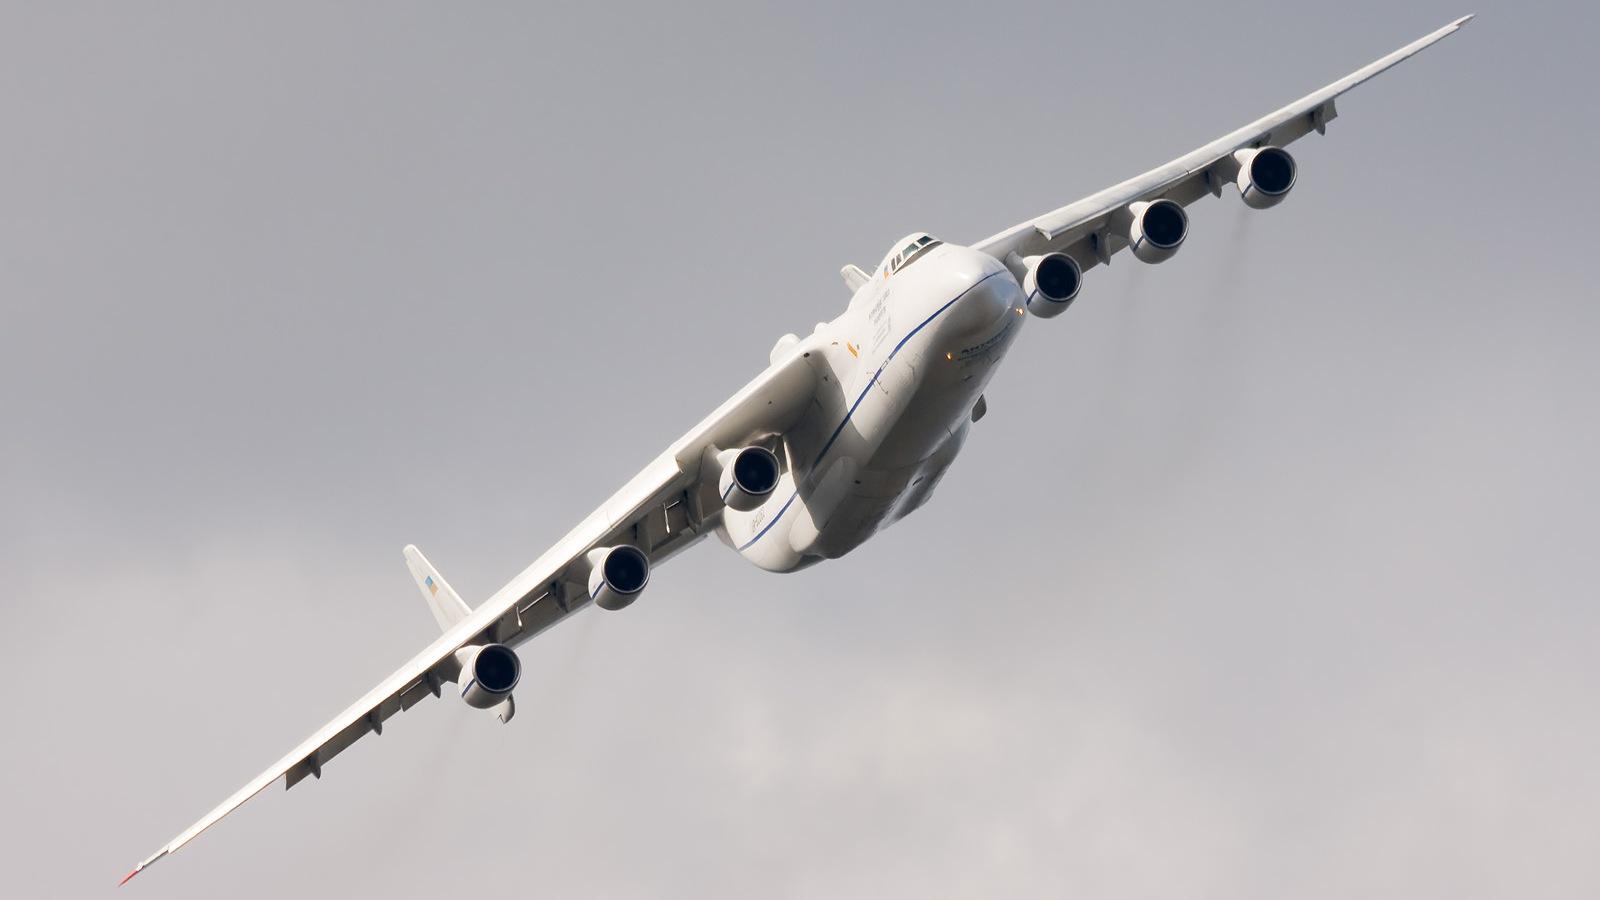 http://2.bp.blogspot.com/-uOxgUgs5yuE/TZCfnwBW27I/AAAAAAAAFJk/J7LQ5EysDtk/s1600/an225+largest+aircraft+ever.jpg